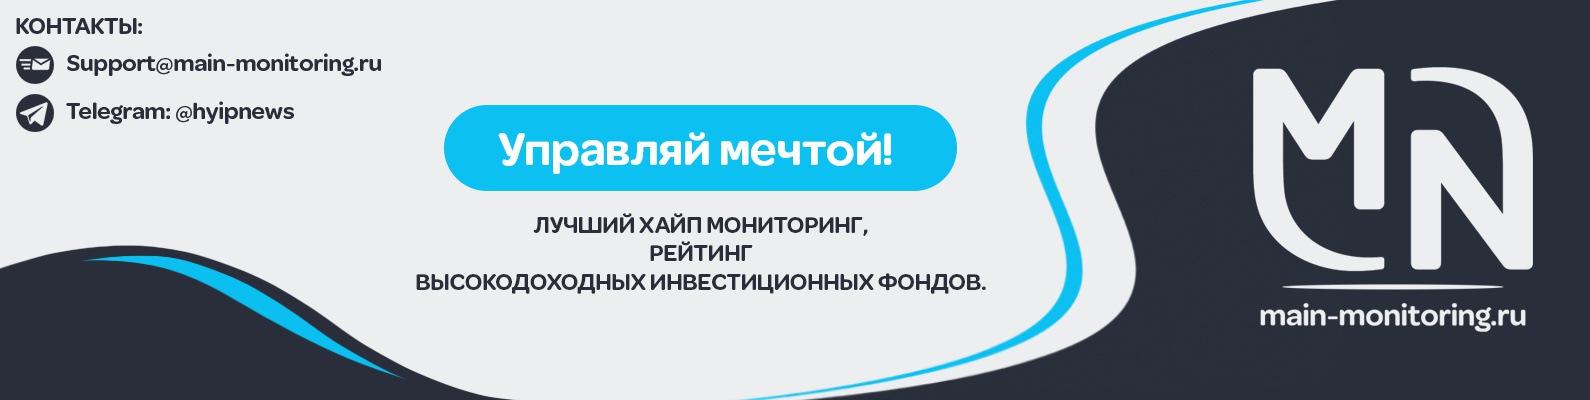 Мониторинг хайп проектов 2018 москва